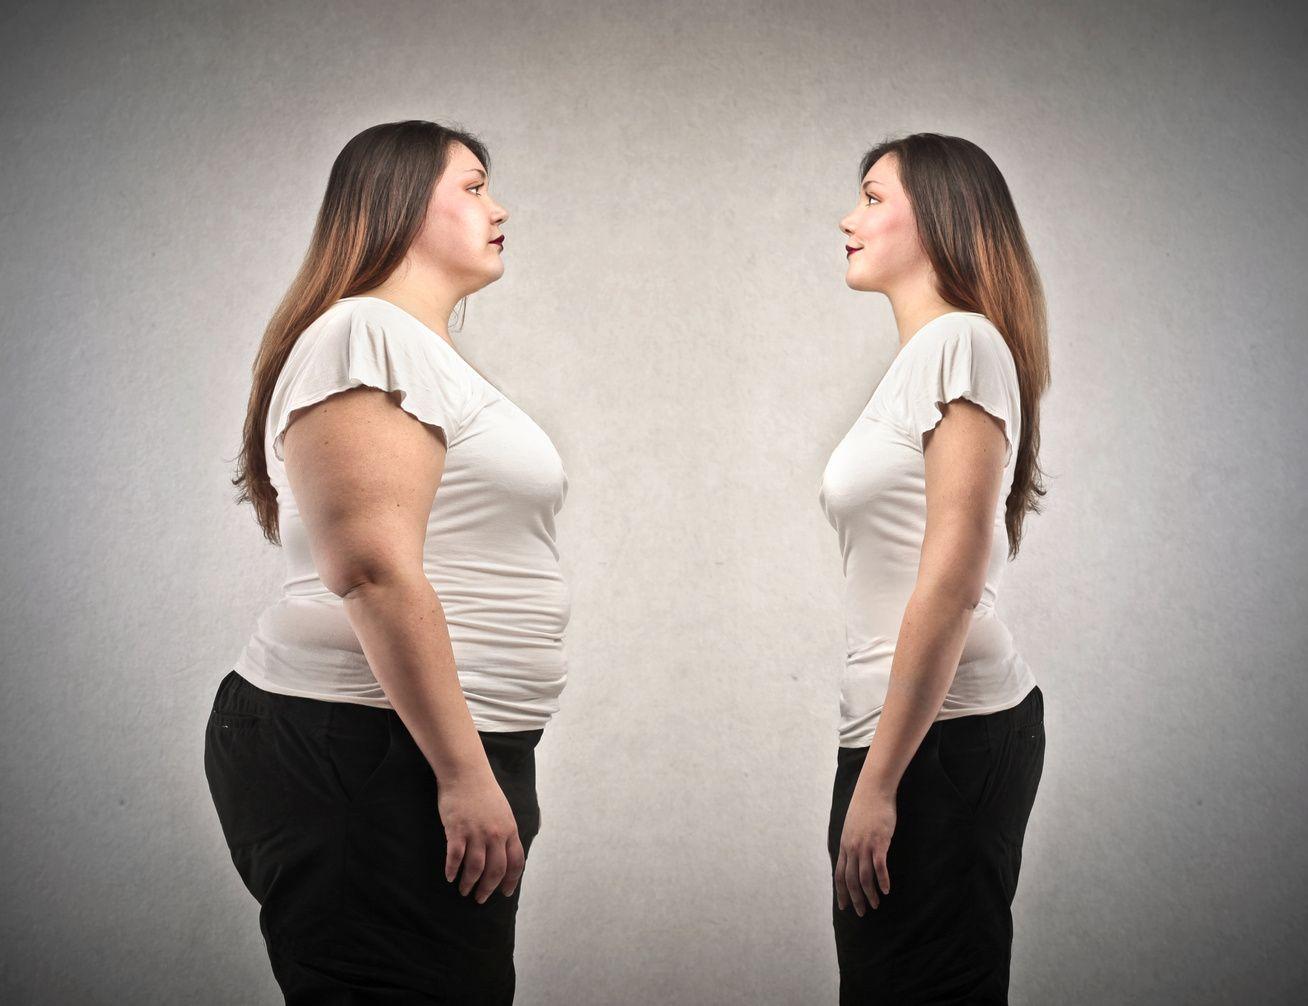 50+ Fogyás OTTHON Egészségesen, Okosan-Alakformálás ideas in | fogyás, személyi edző, okosóra